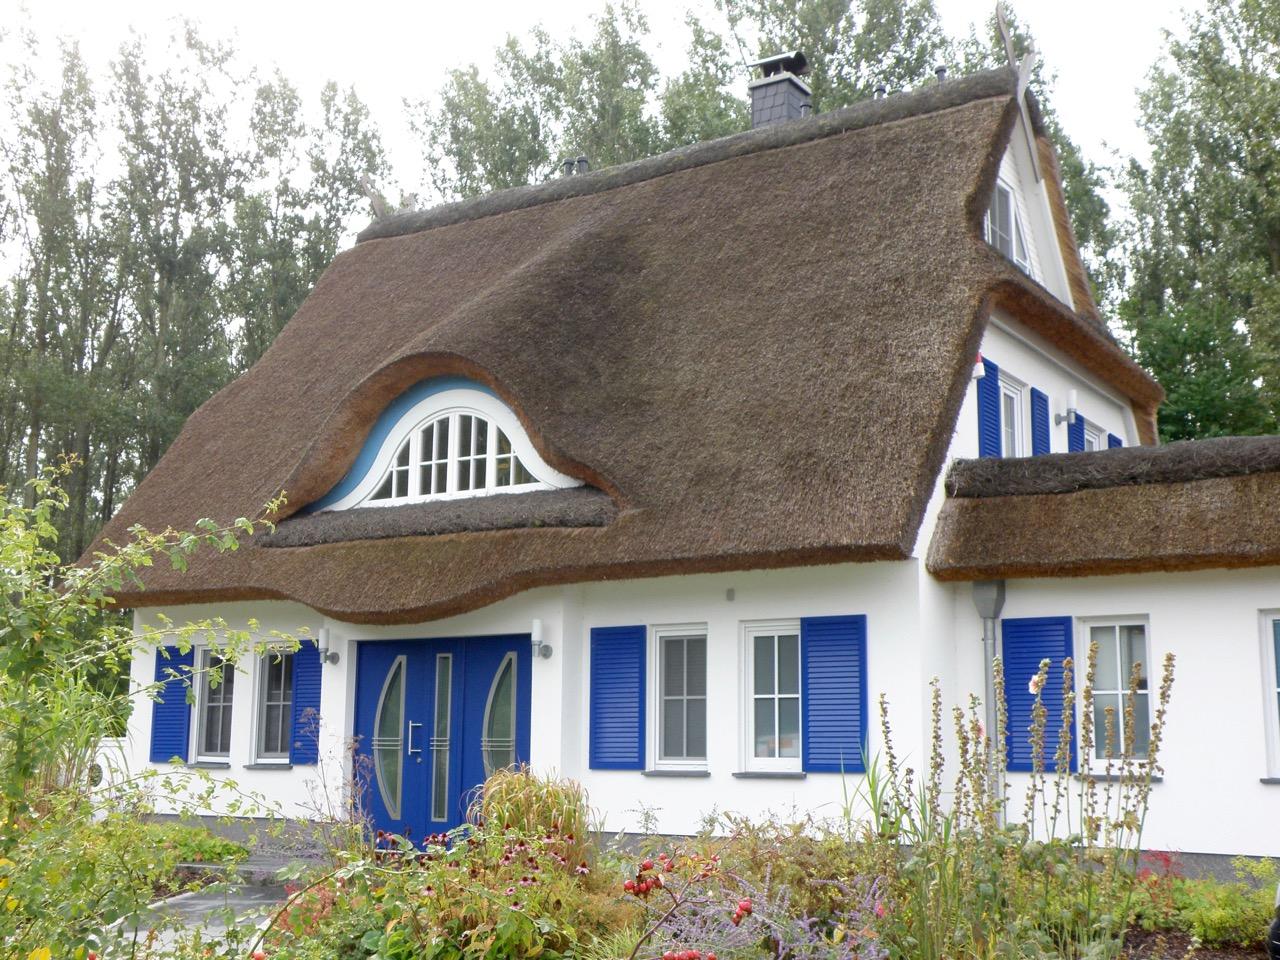 Villa Merle in Glowe auf der Insel Rügen